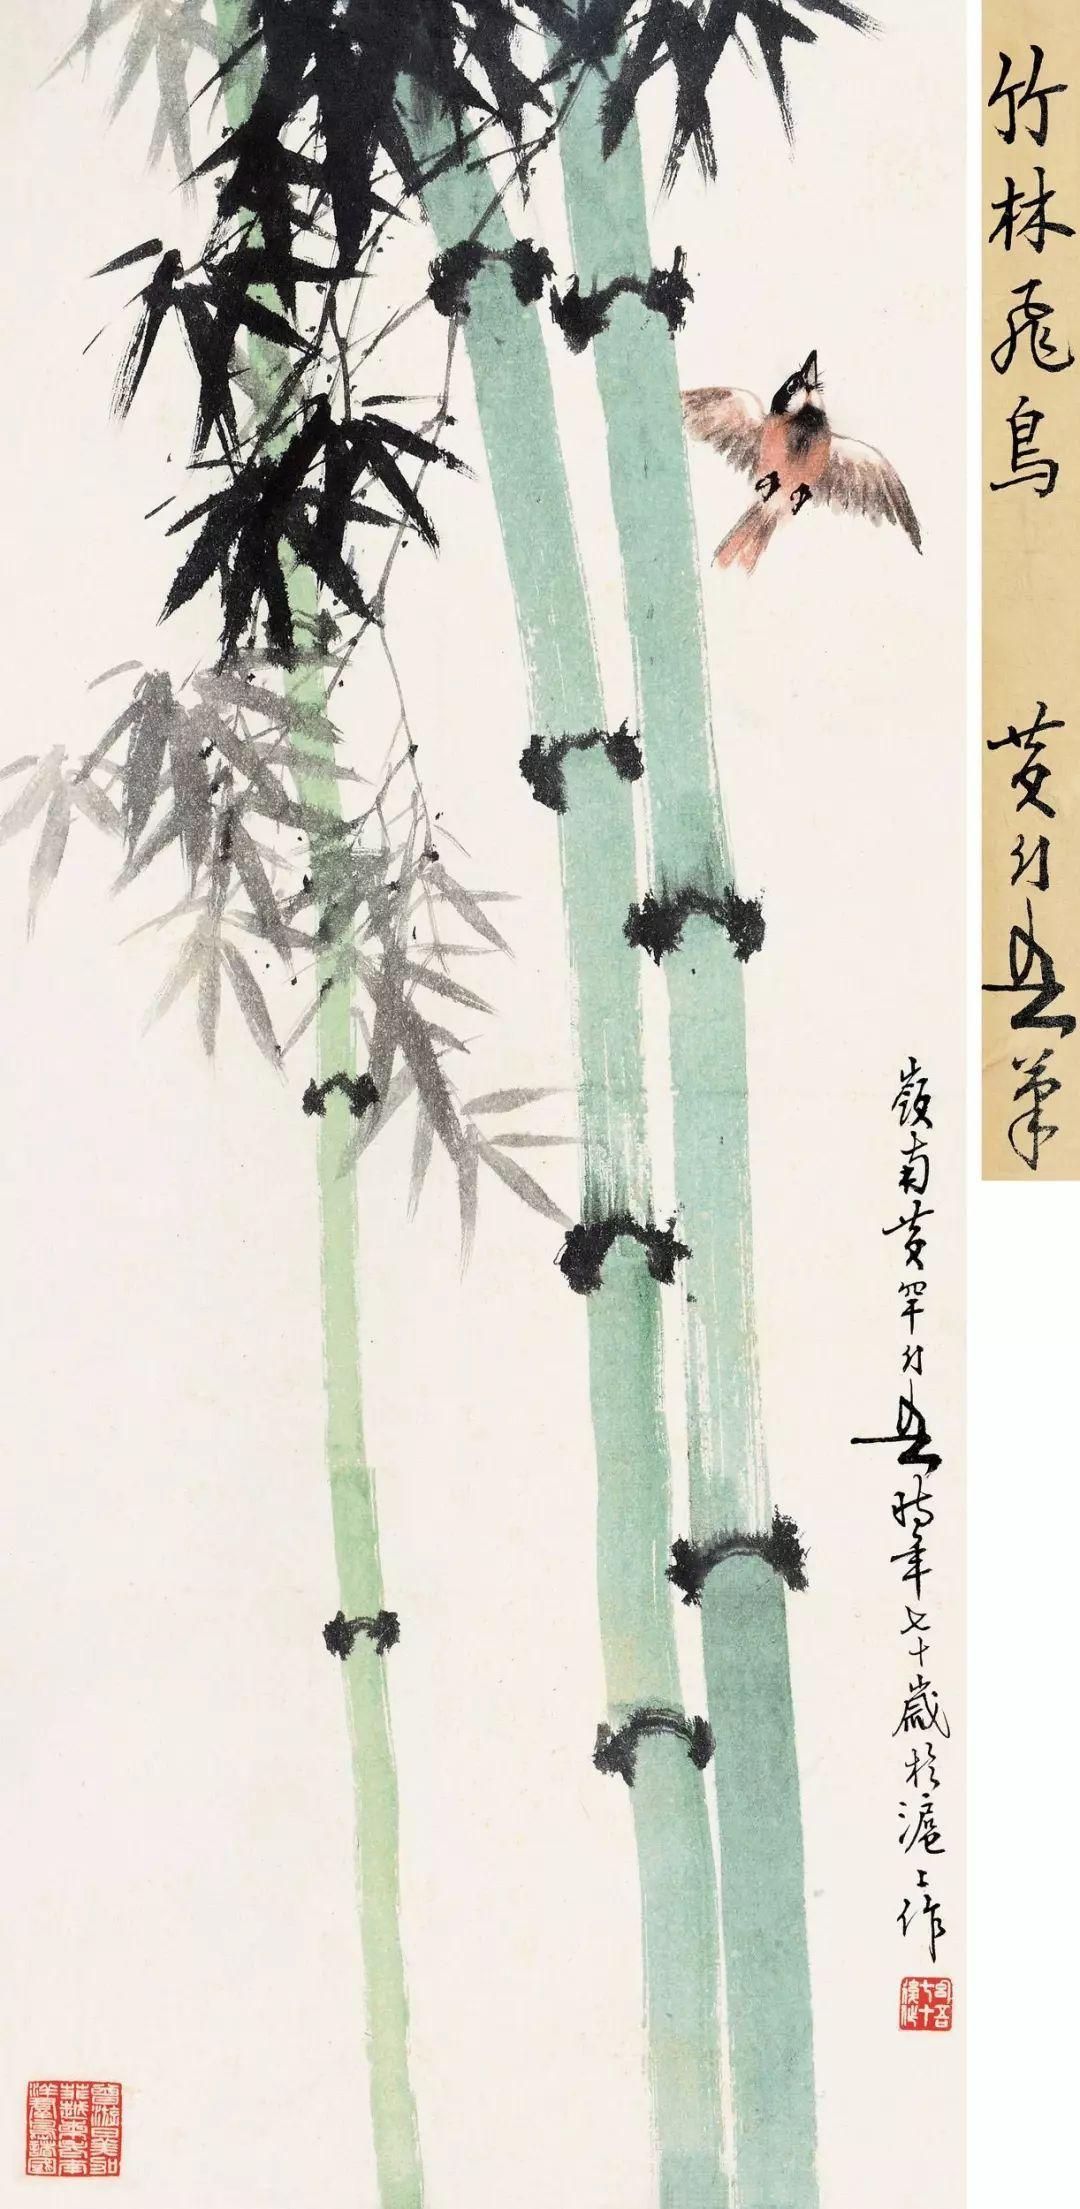 黄幻吾画竹:形神兼备 非同一般图片